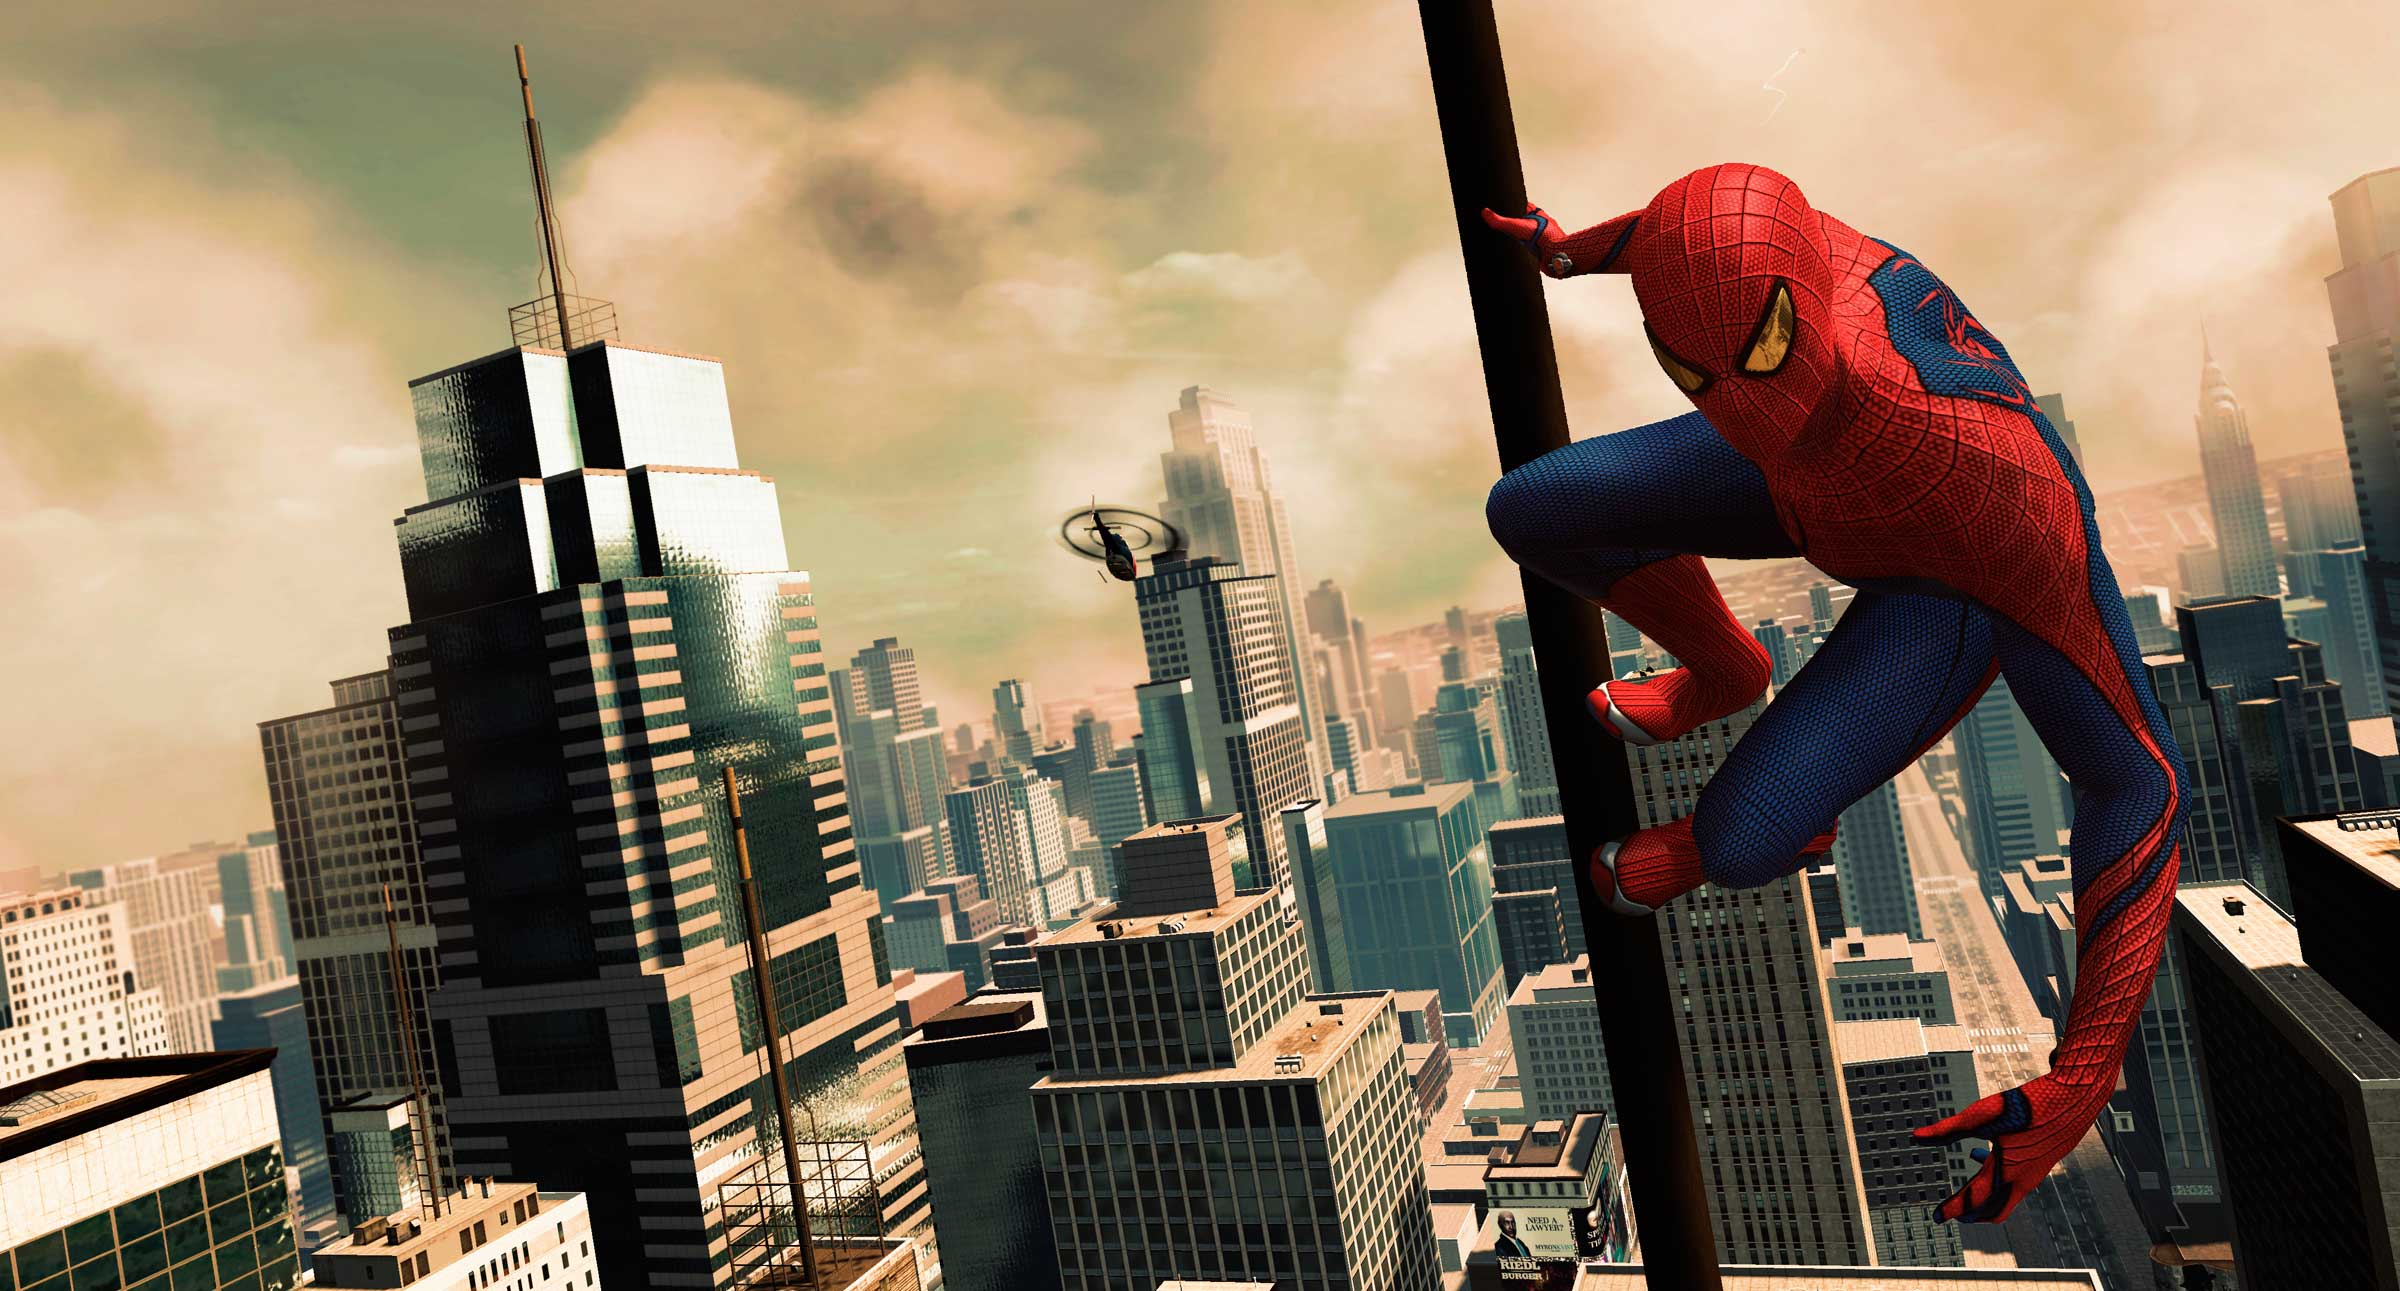 Spider-man games